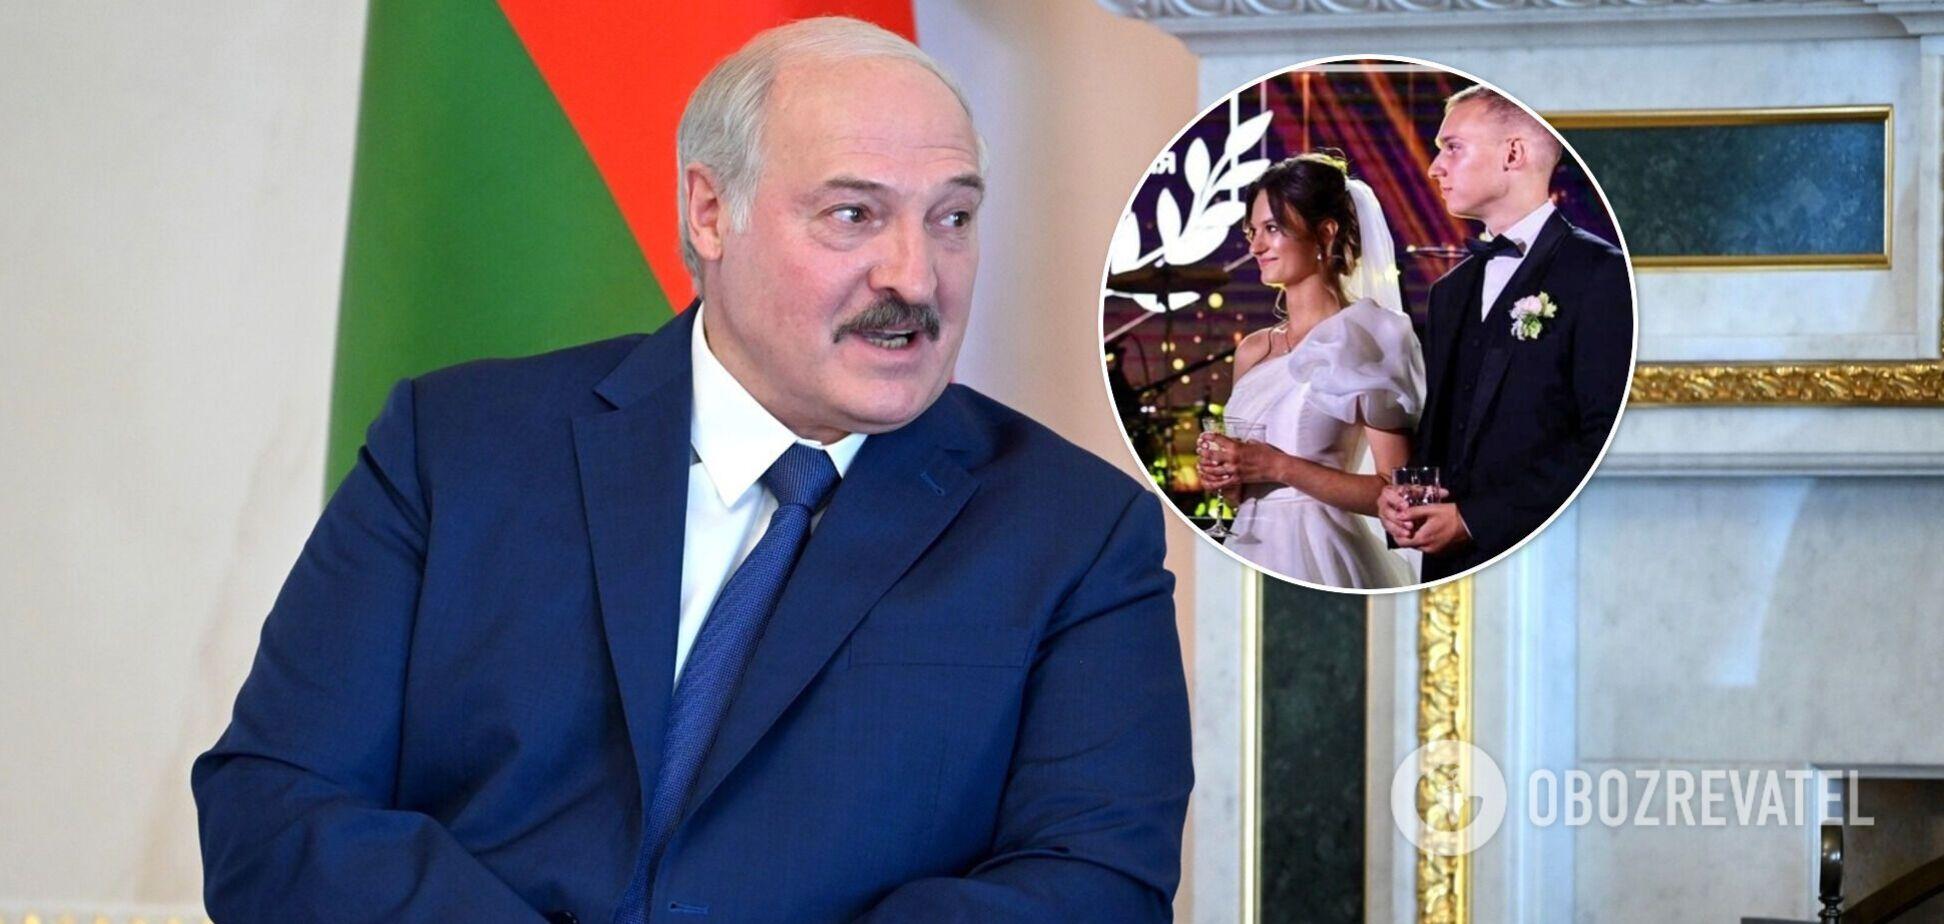 Онучка Лукашенка вийшла заміж: що відомо про її обранця